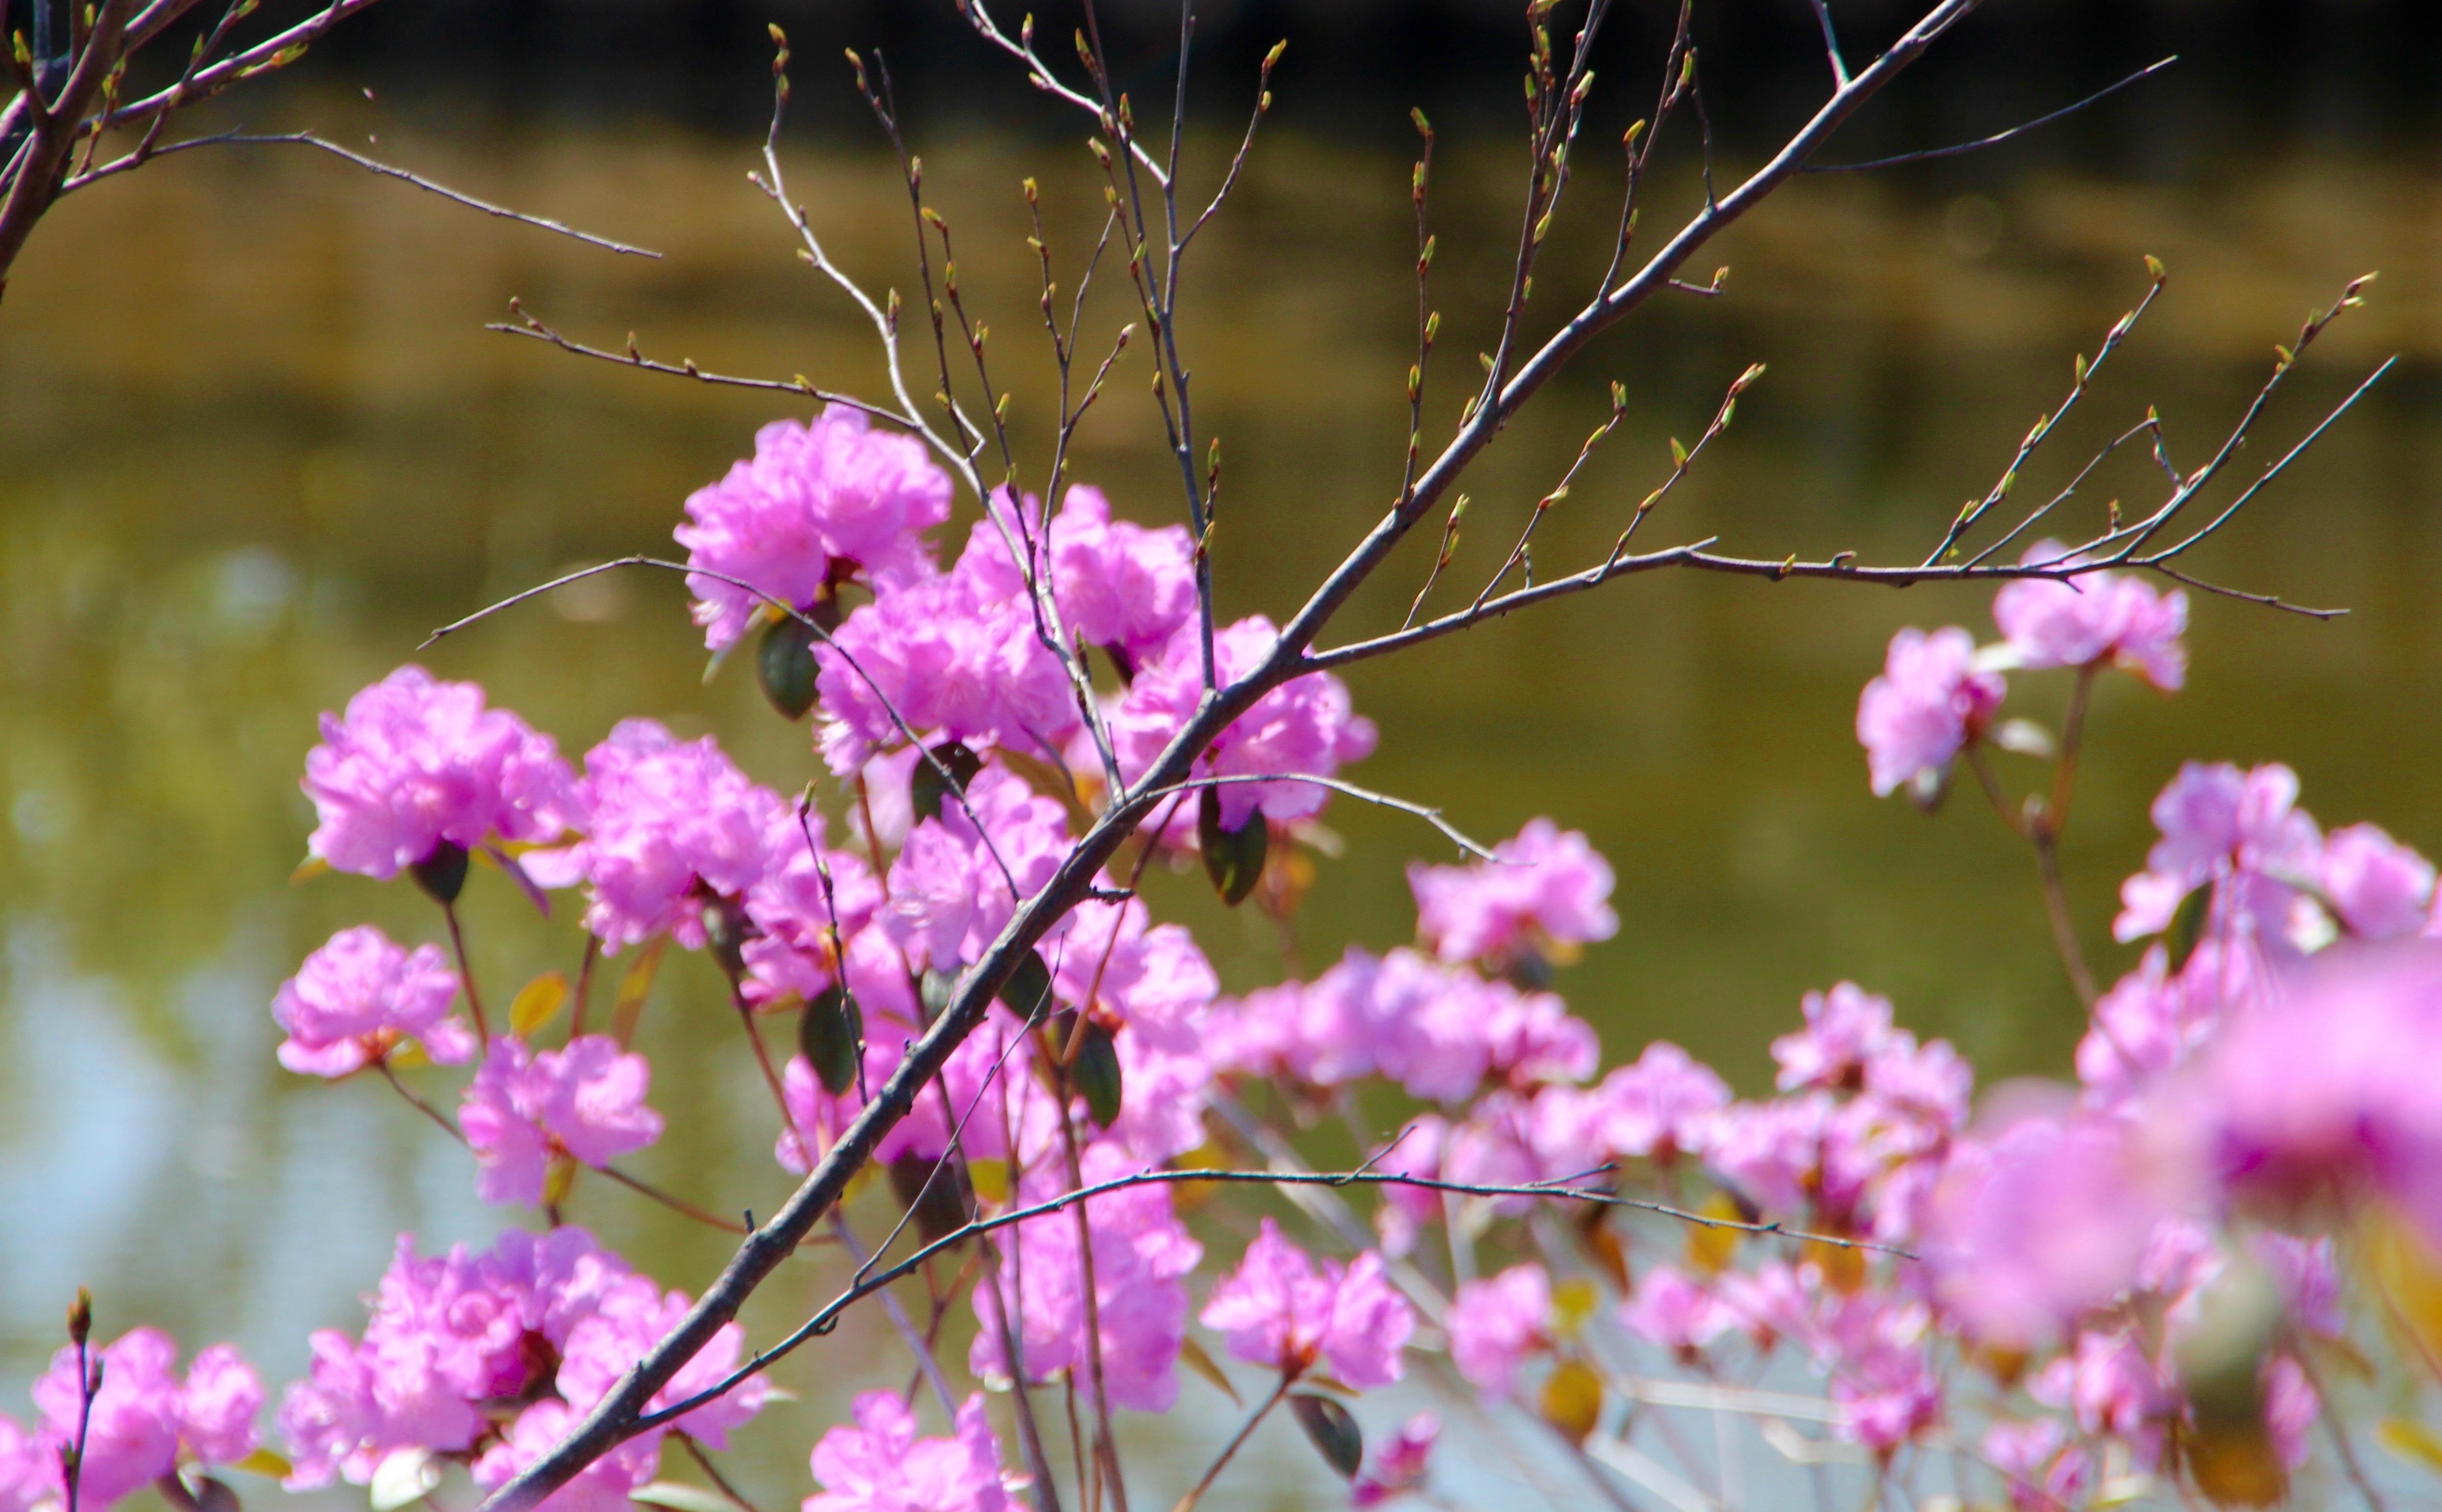 Flowering Almond in Japanese Garden at Meijer Garden | Summer Setting